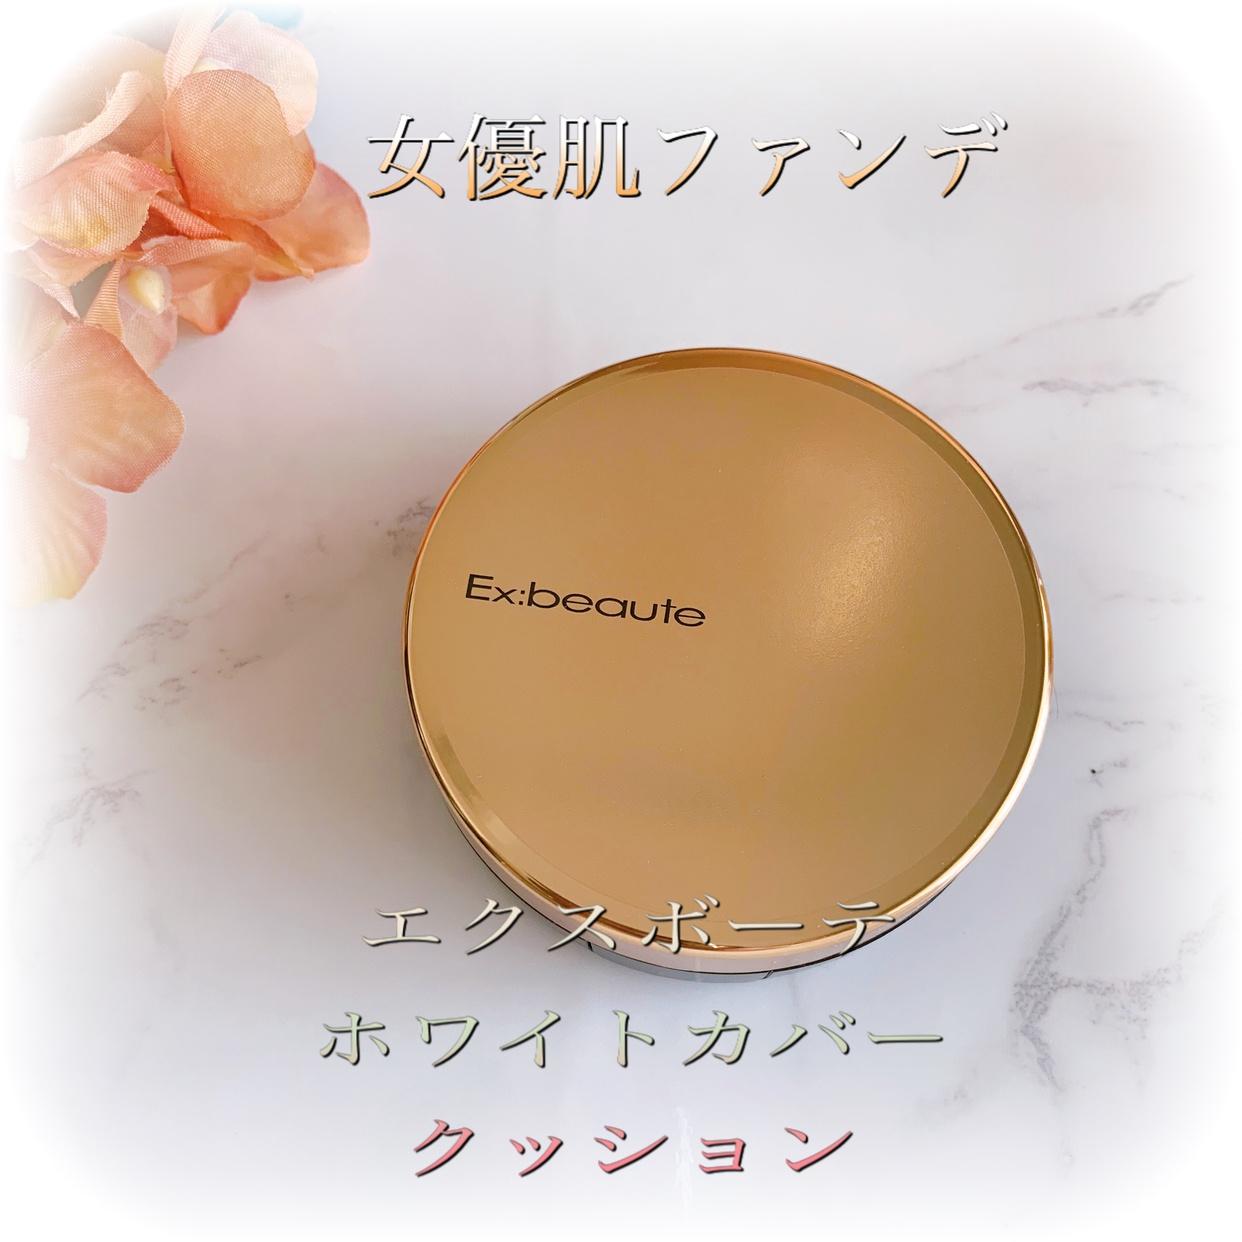 Ex:beaute(エクスボーテ) ホワイトカバークッションの良い点・メリットに関するsnowmiさんの口コミ画像1